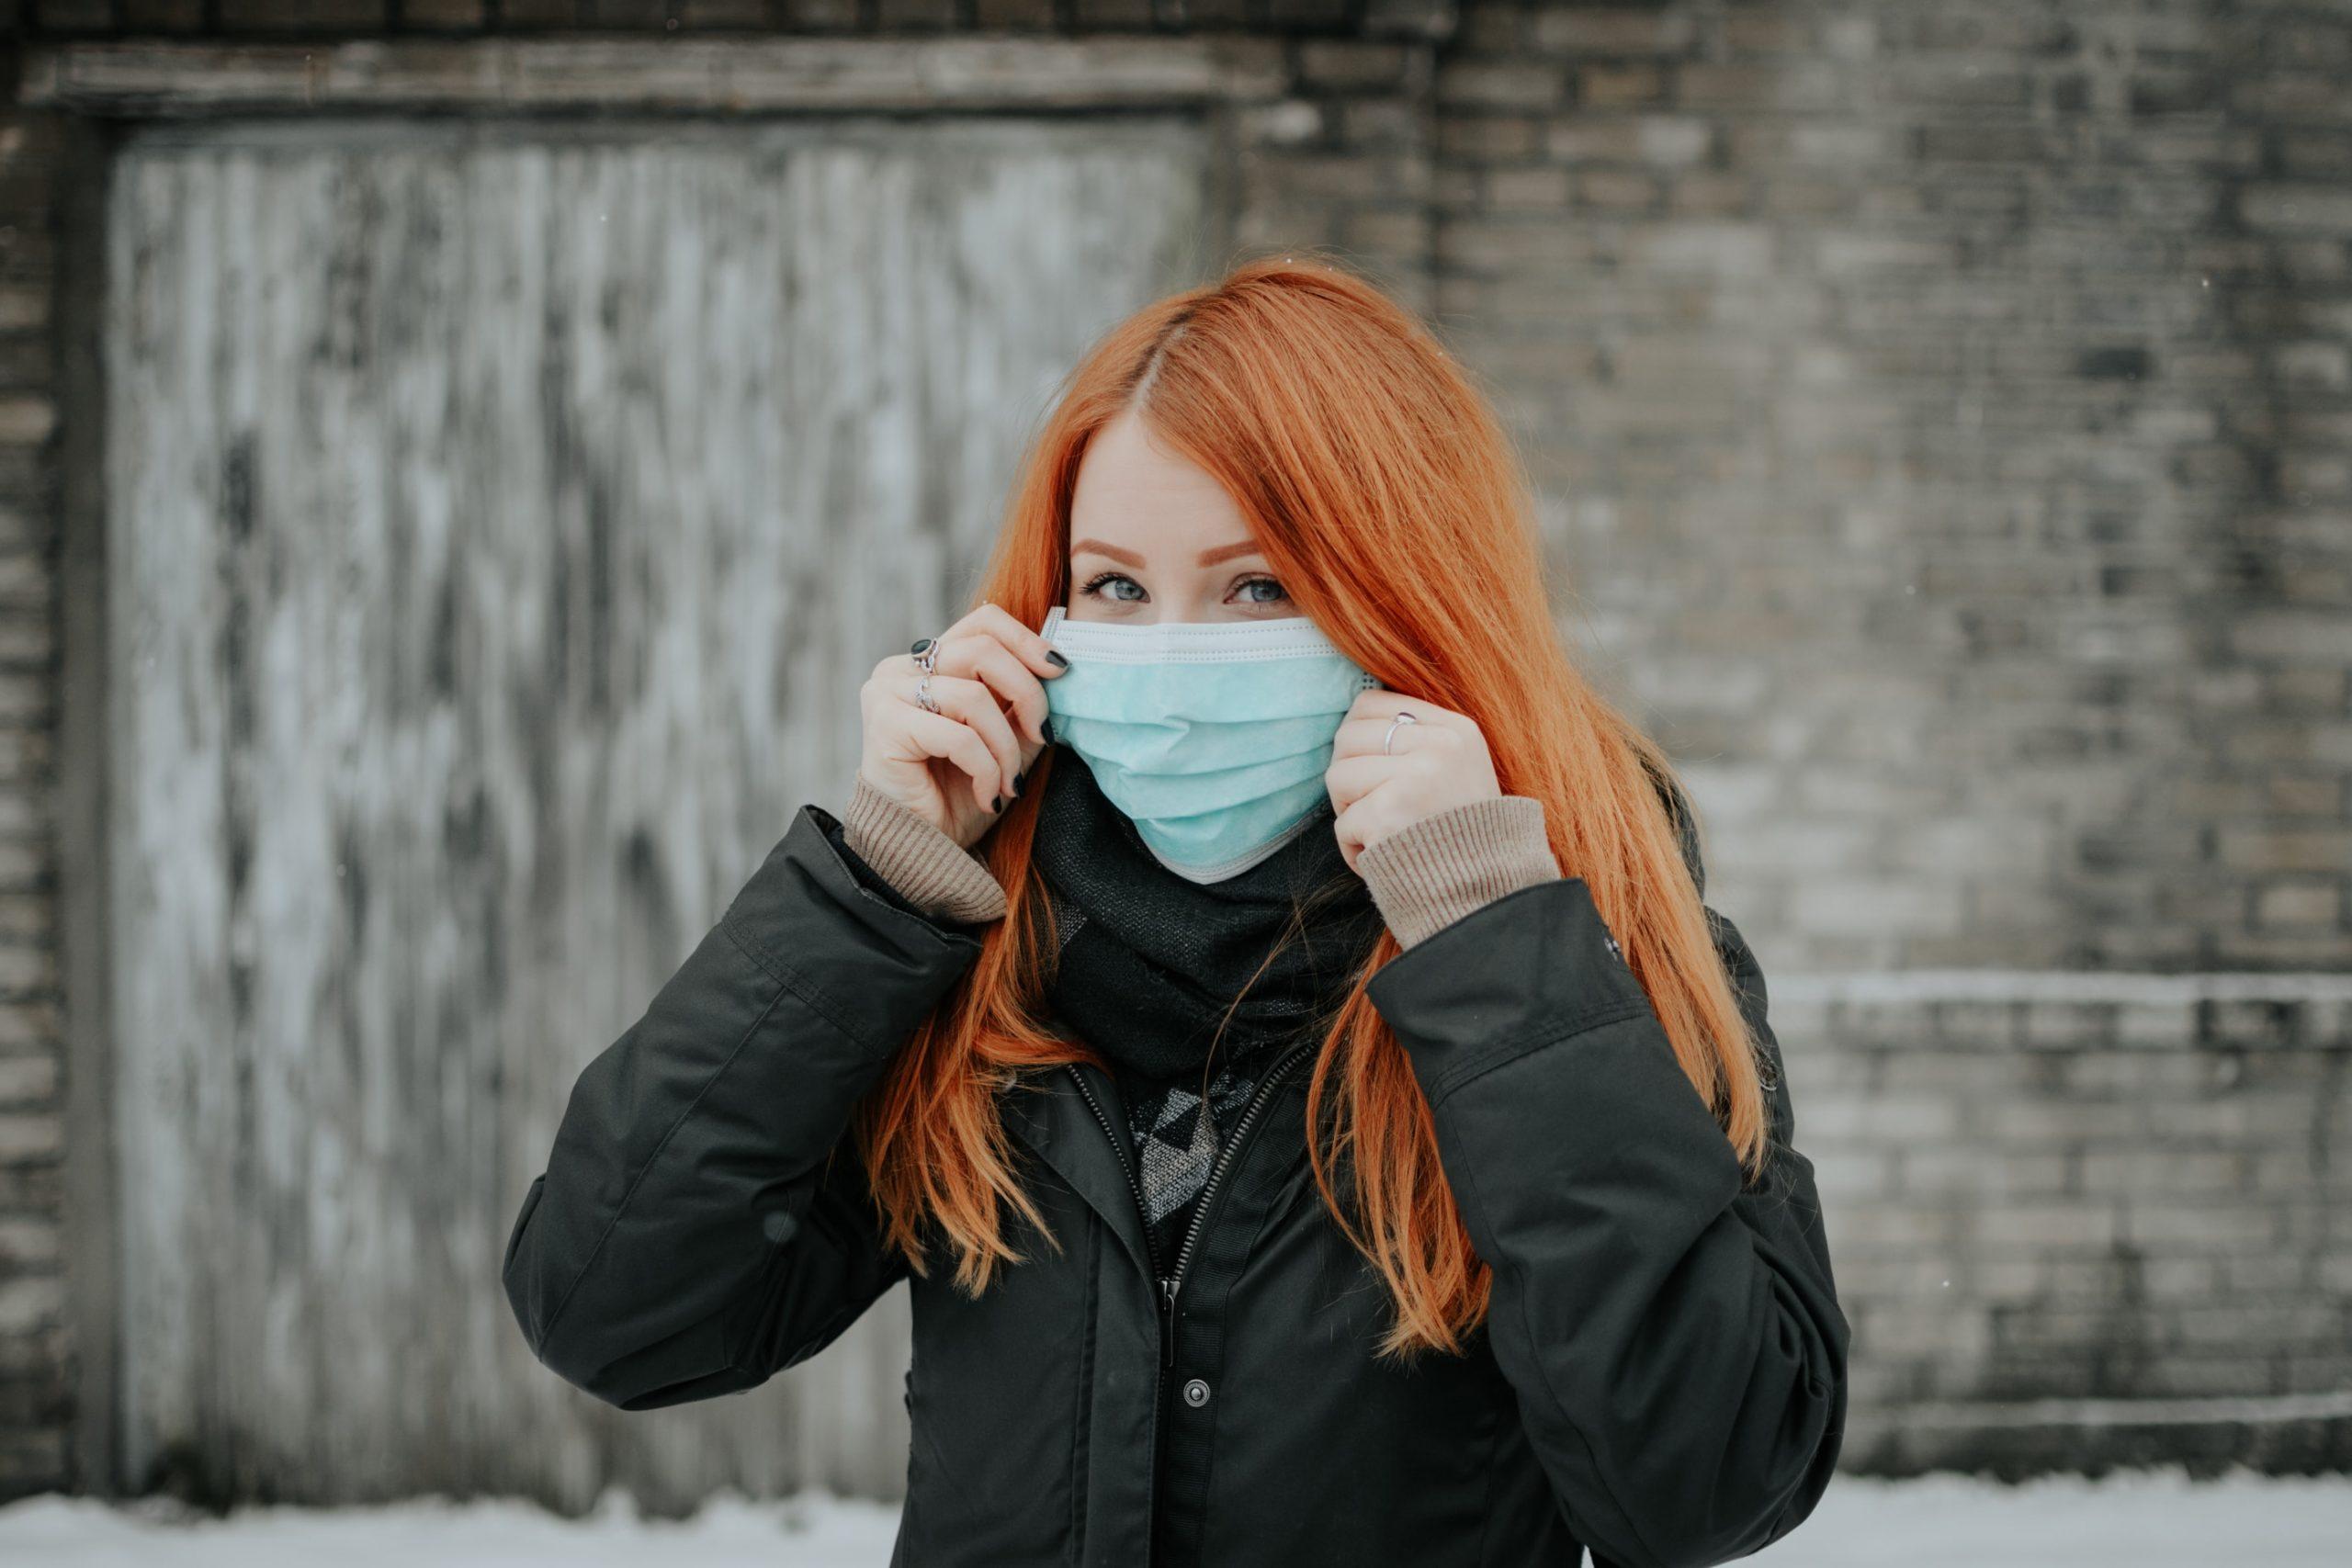 COVID-19 : les personnes avec des maladies atopiques sont-elles plus à risque?